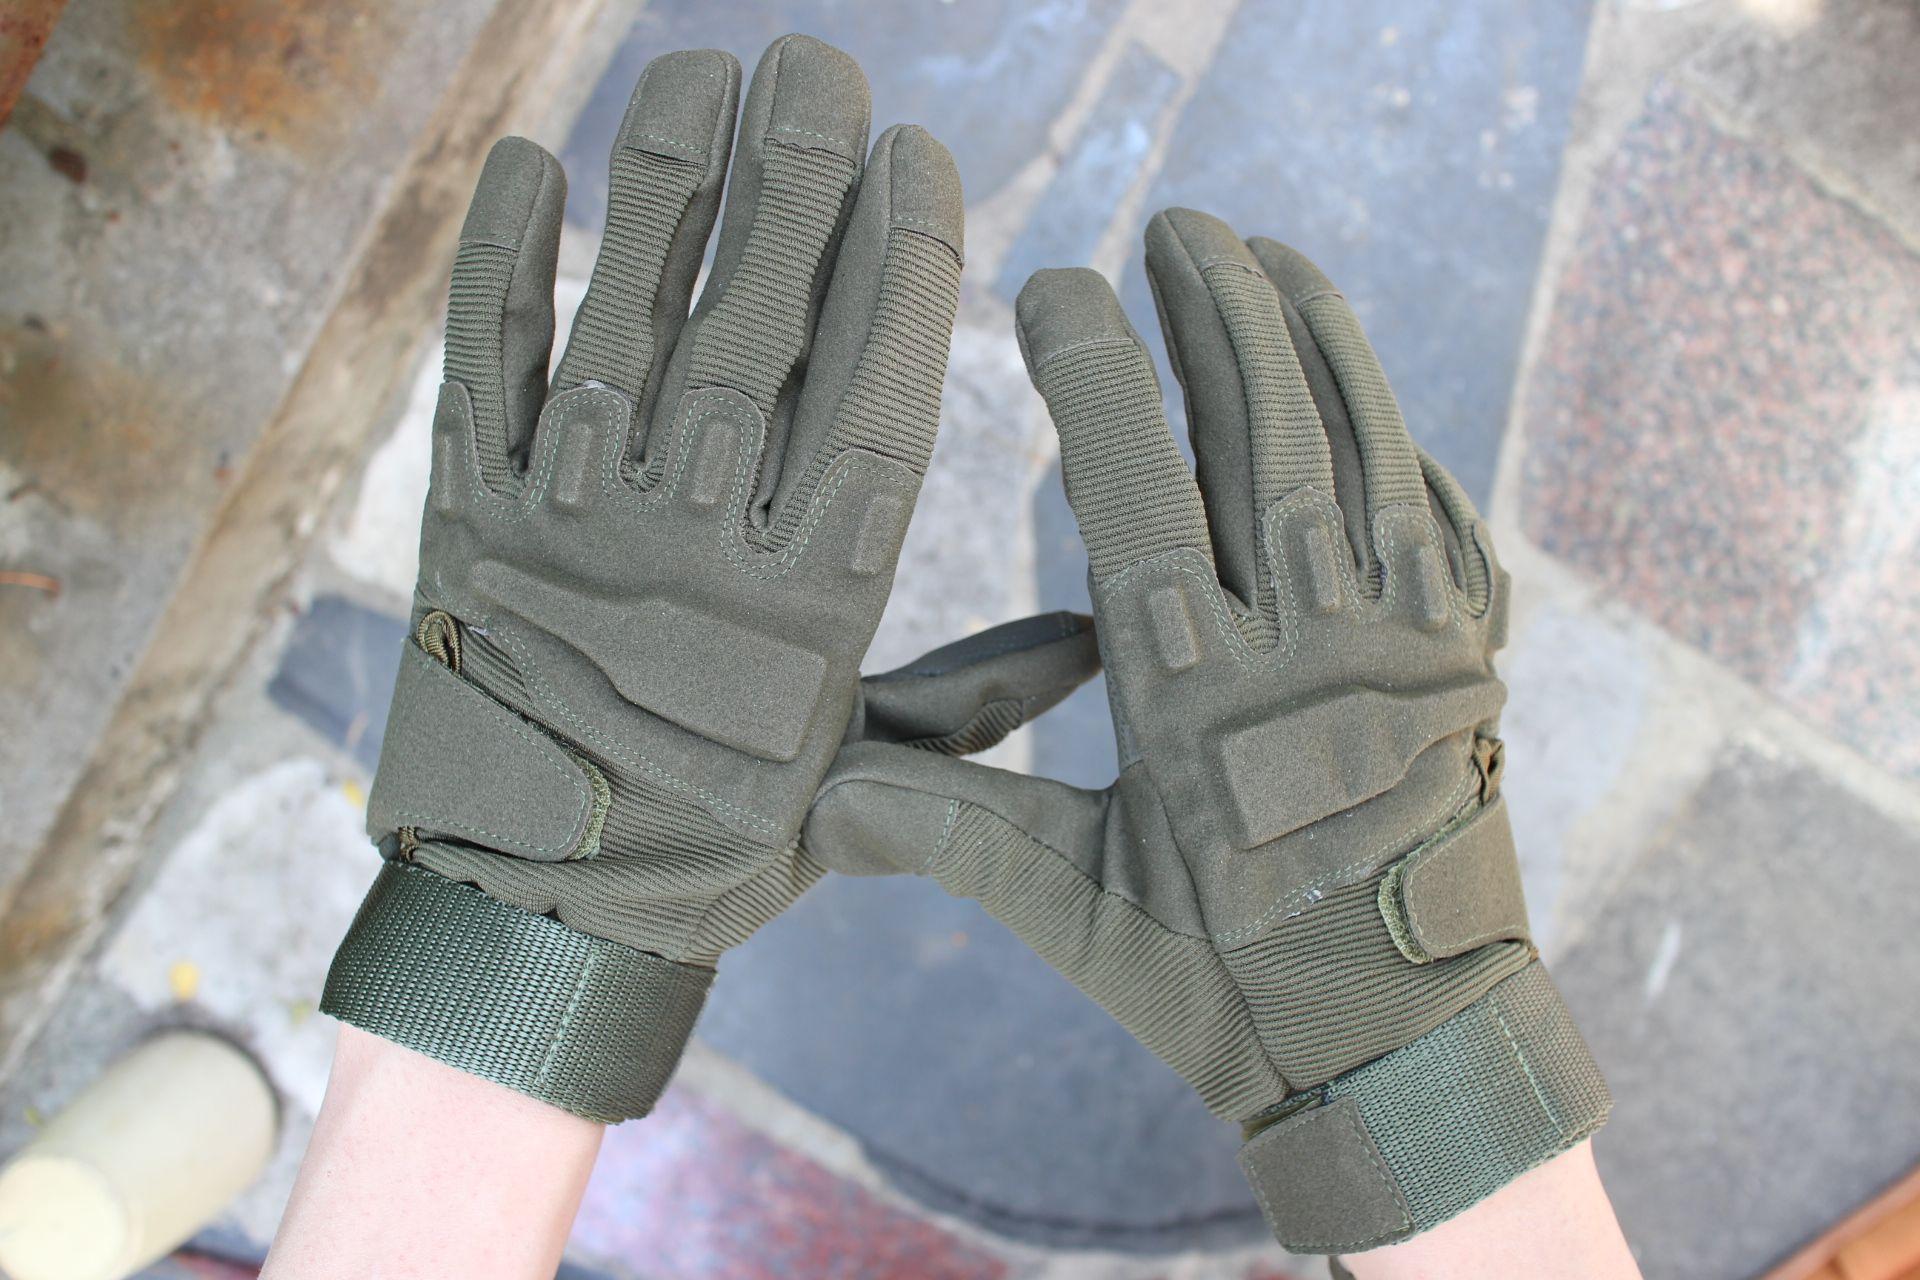 Freies Verschiffen 1 paar Neue Verkauf Vollfinger Taktische Wetter Schießen Military Radfahren jagd Camping Sport Outdoor Spiel Handschuhe 3 farbe